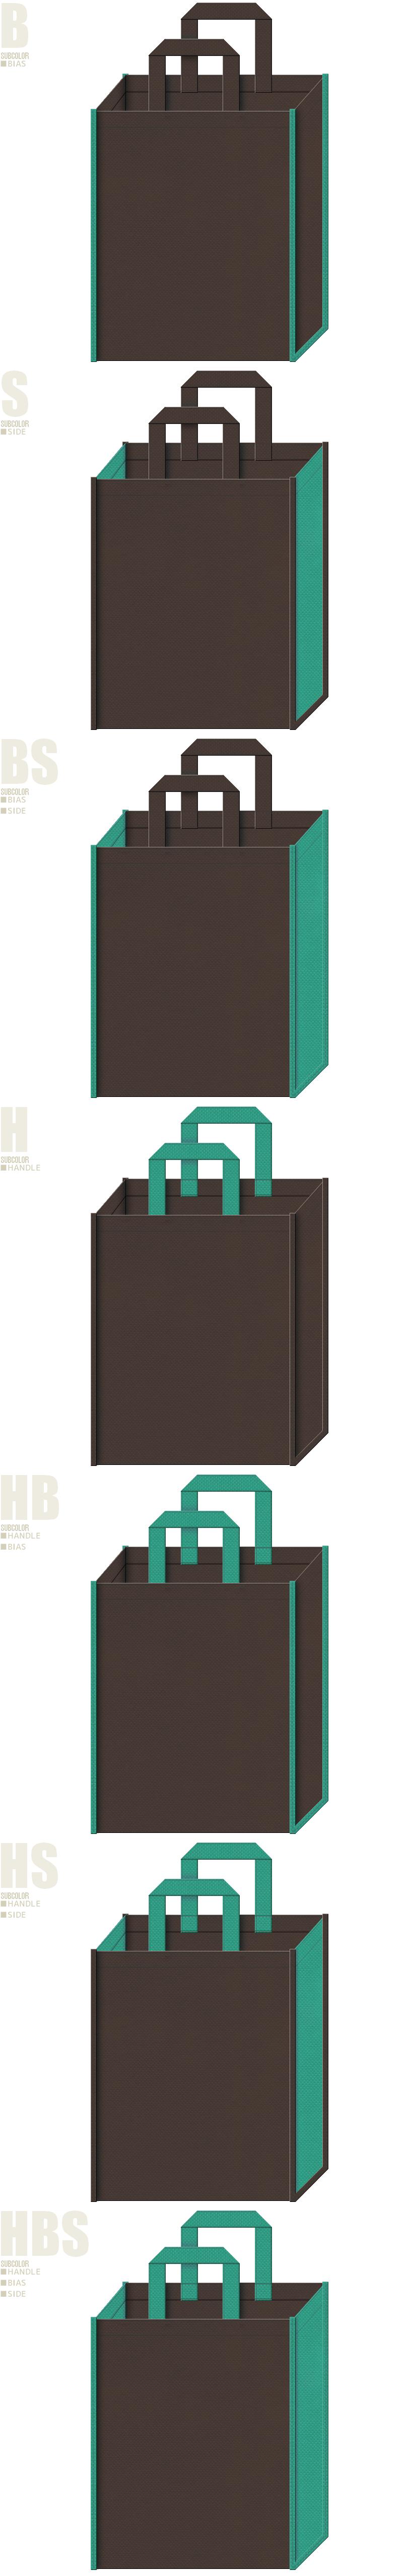 壁面緑化・屋上緑化・環境イベント・緑化推進・アロマ・ハーブ・種苗・肥料・農業イベント・園芸用品の展示会用バッグにお奨めの不織布バッグデザイン:こげ茶色と青緑色の配色7パターン